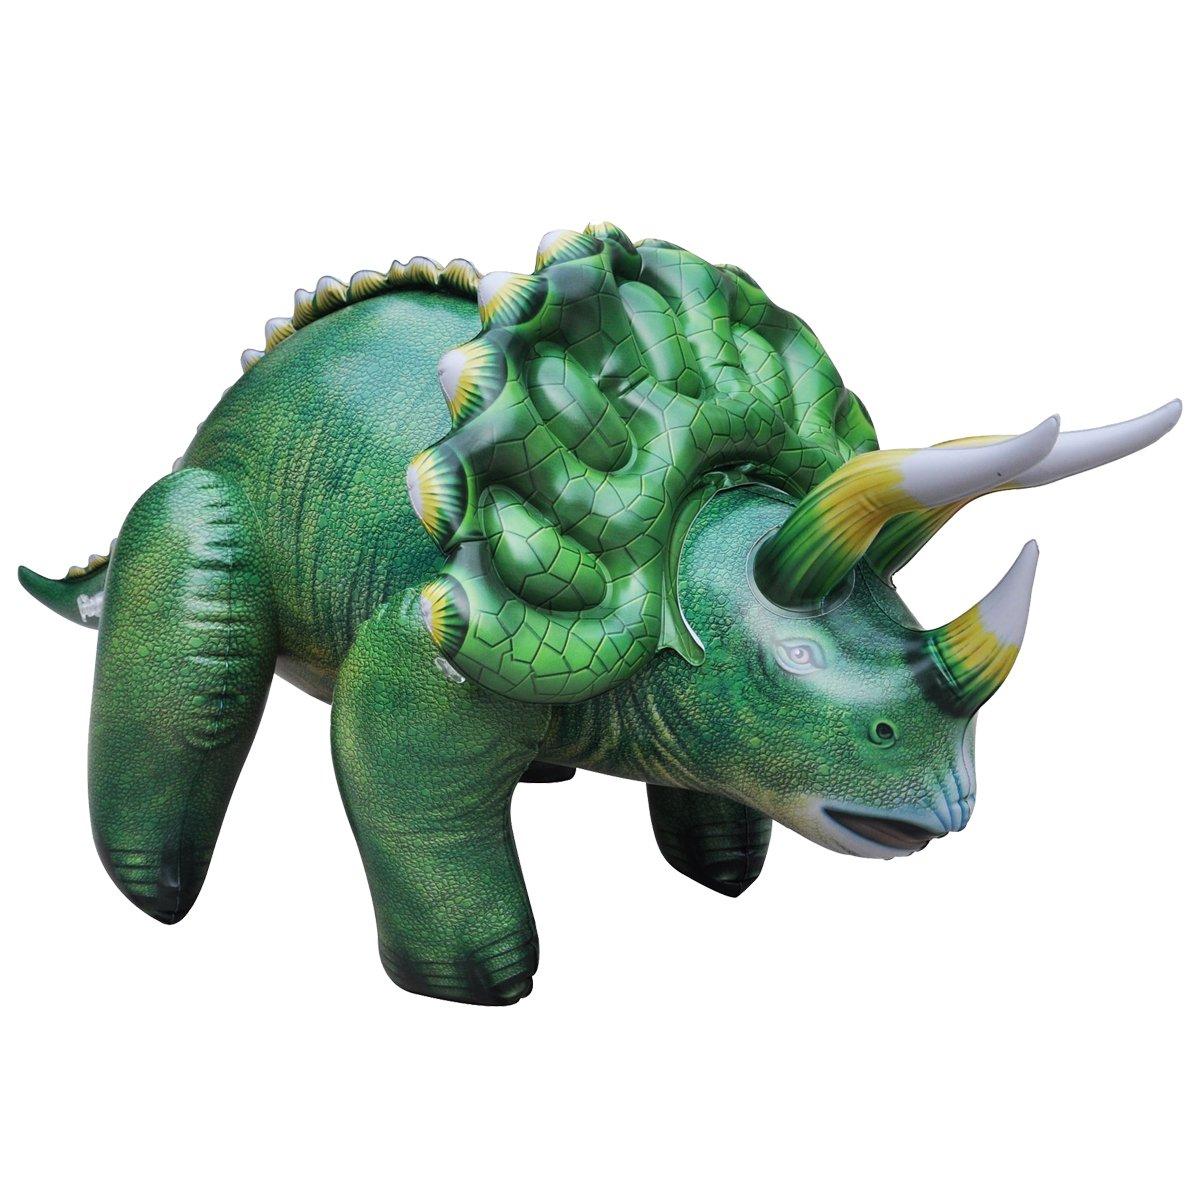 공룡기 트리케라톱스 튜브 공룡 풍선 대형 109cm, 그린, 1개